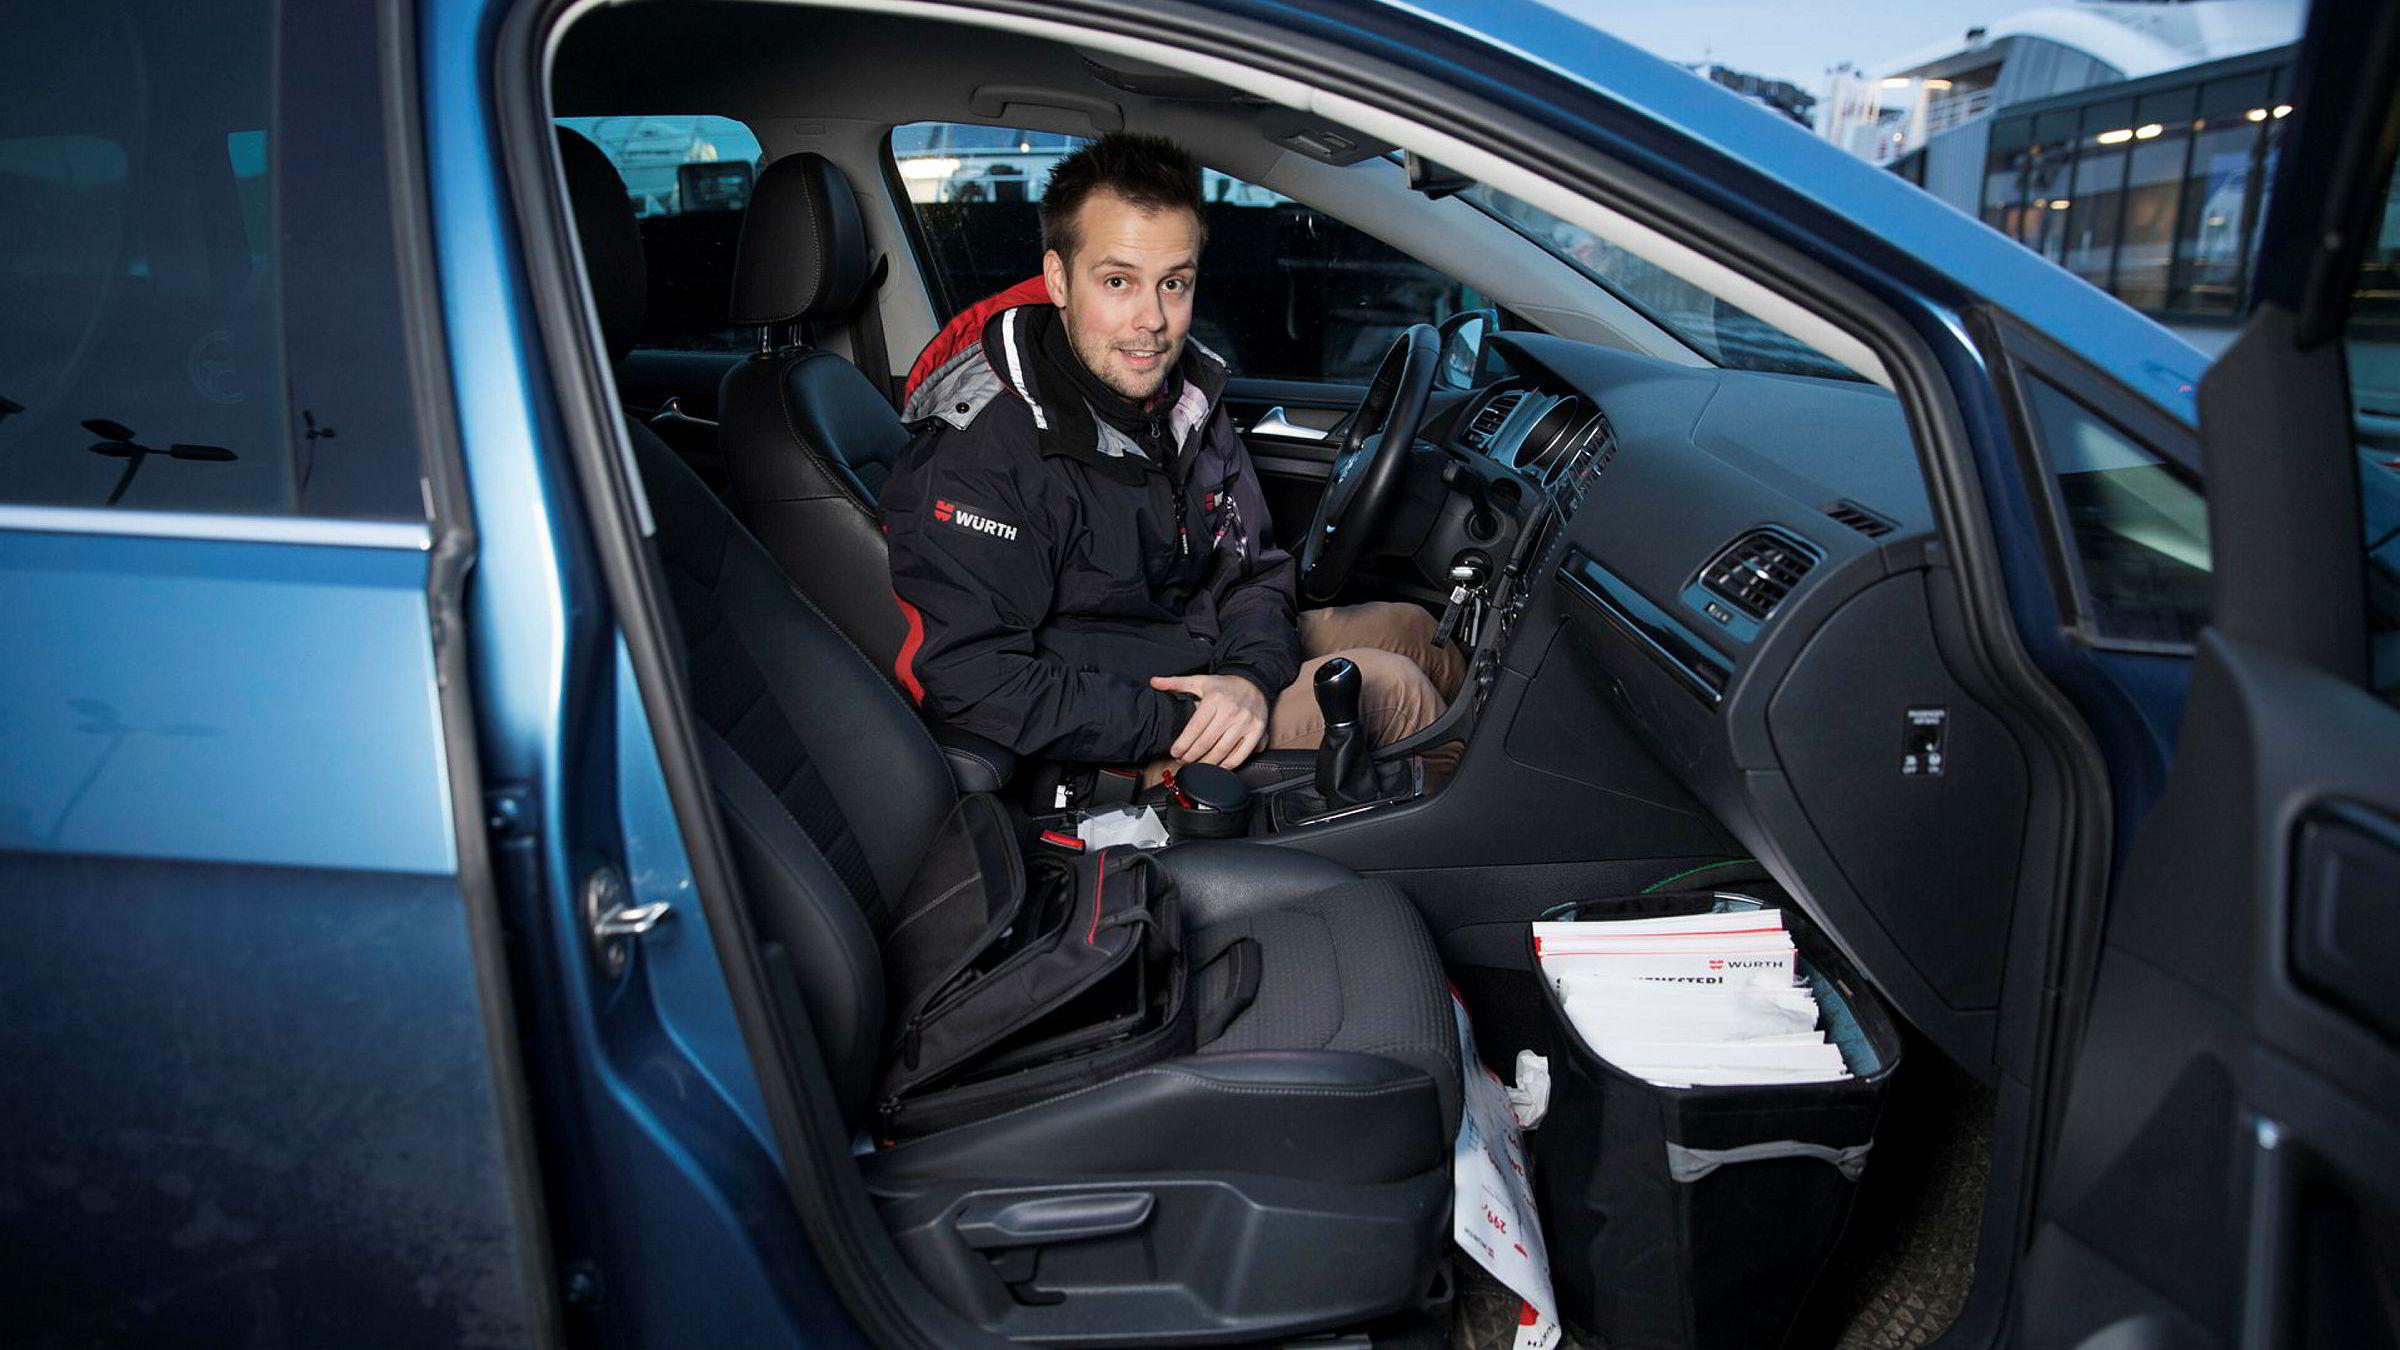 Joakim Skonseng er salgskonsulent i Würth og bruker bilen som kontor. Han kommer ikke til å savne FM-sendingene.